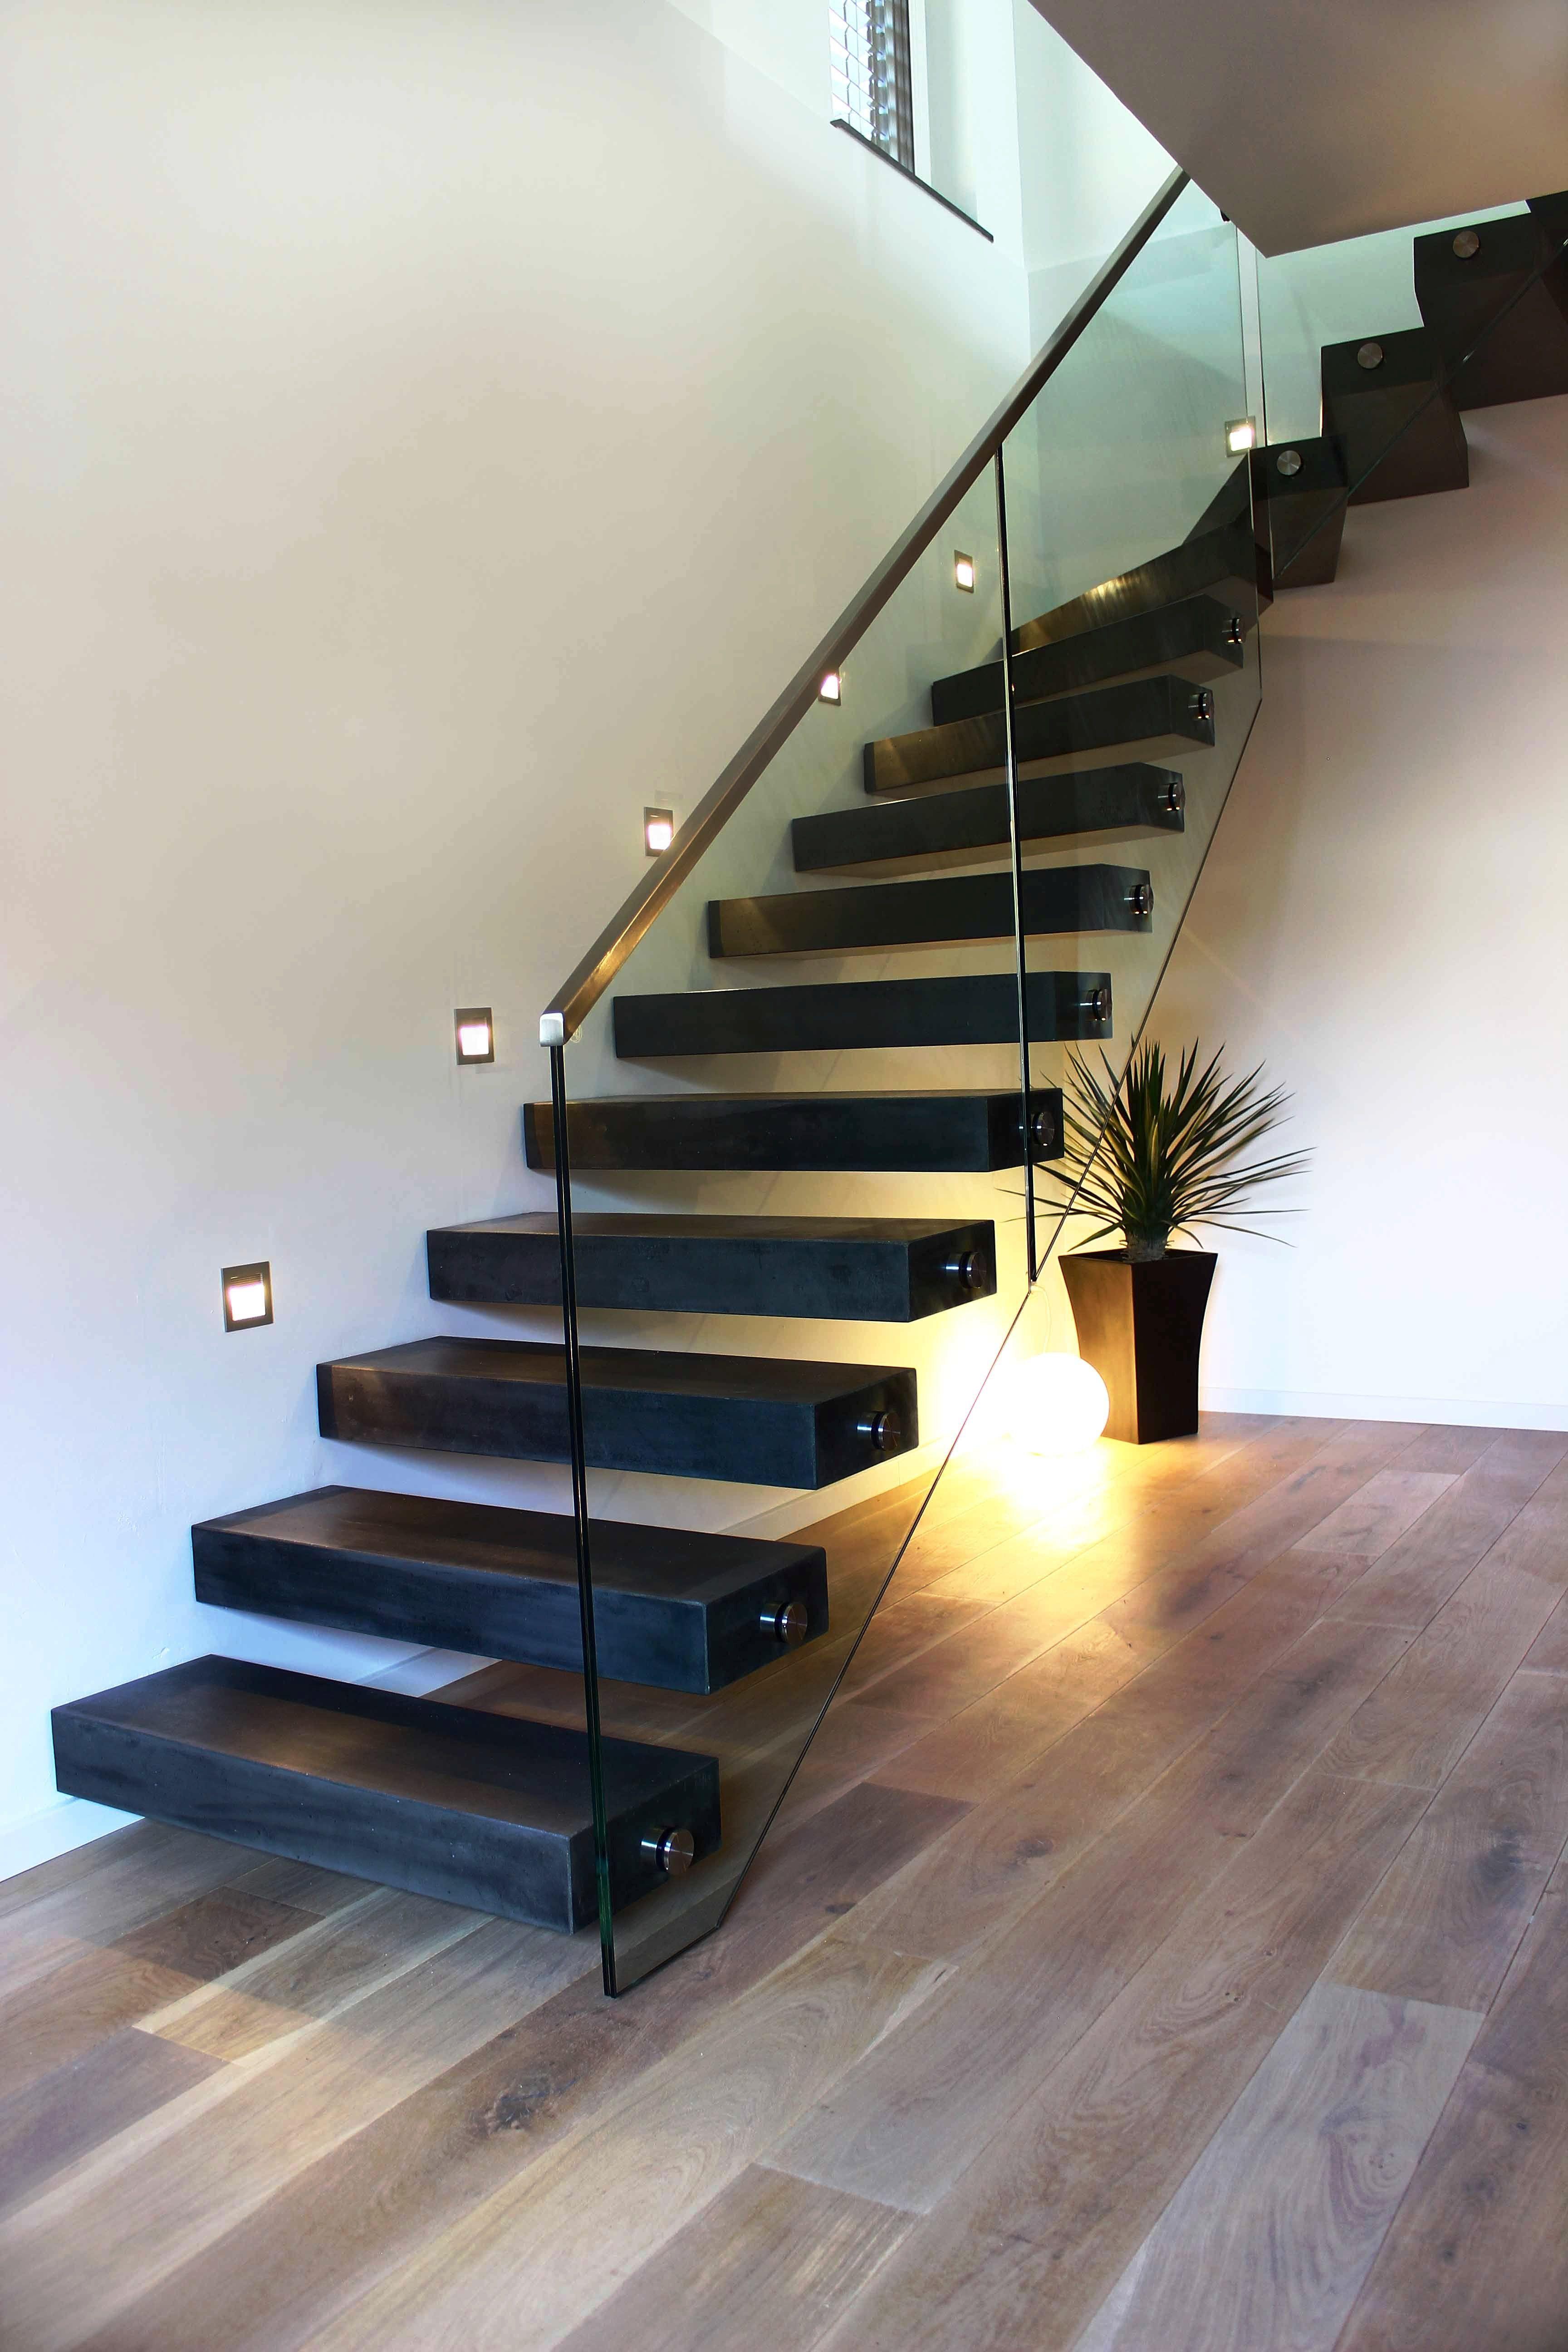 kragarmtreppe bremen gewendelt stufen betondesign anthrazit grau nach kundenwunsch eingef rbt. Black Bedroom Furniture Sets. Home Design Ideas